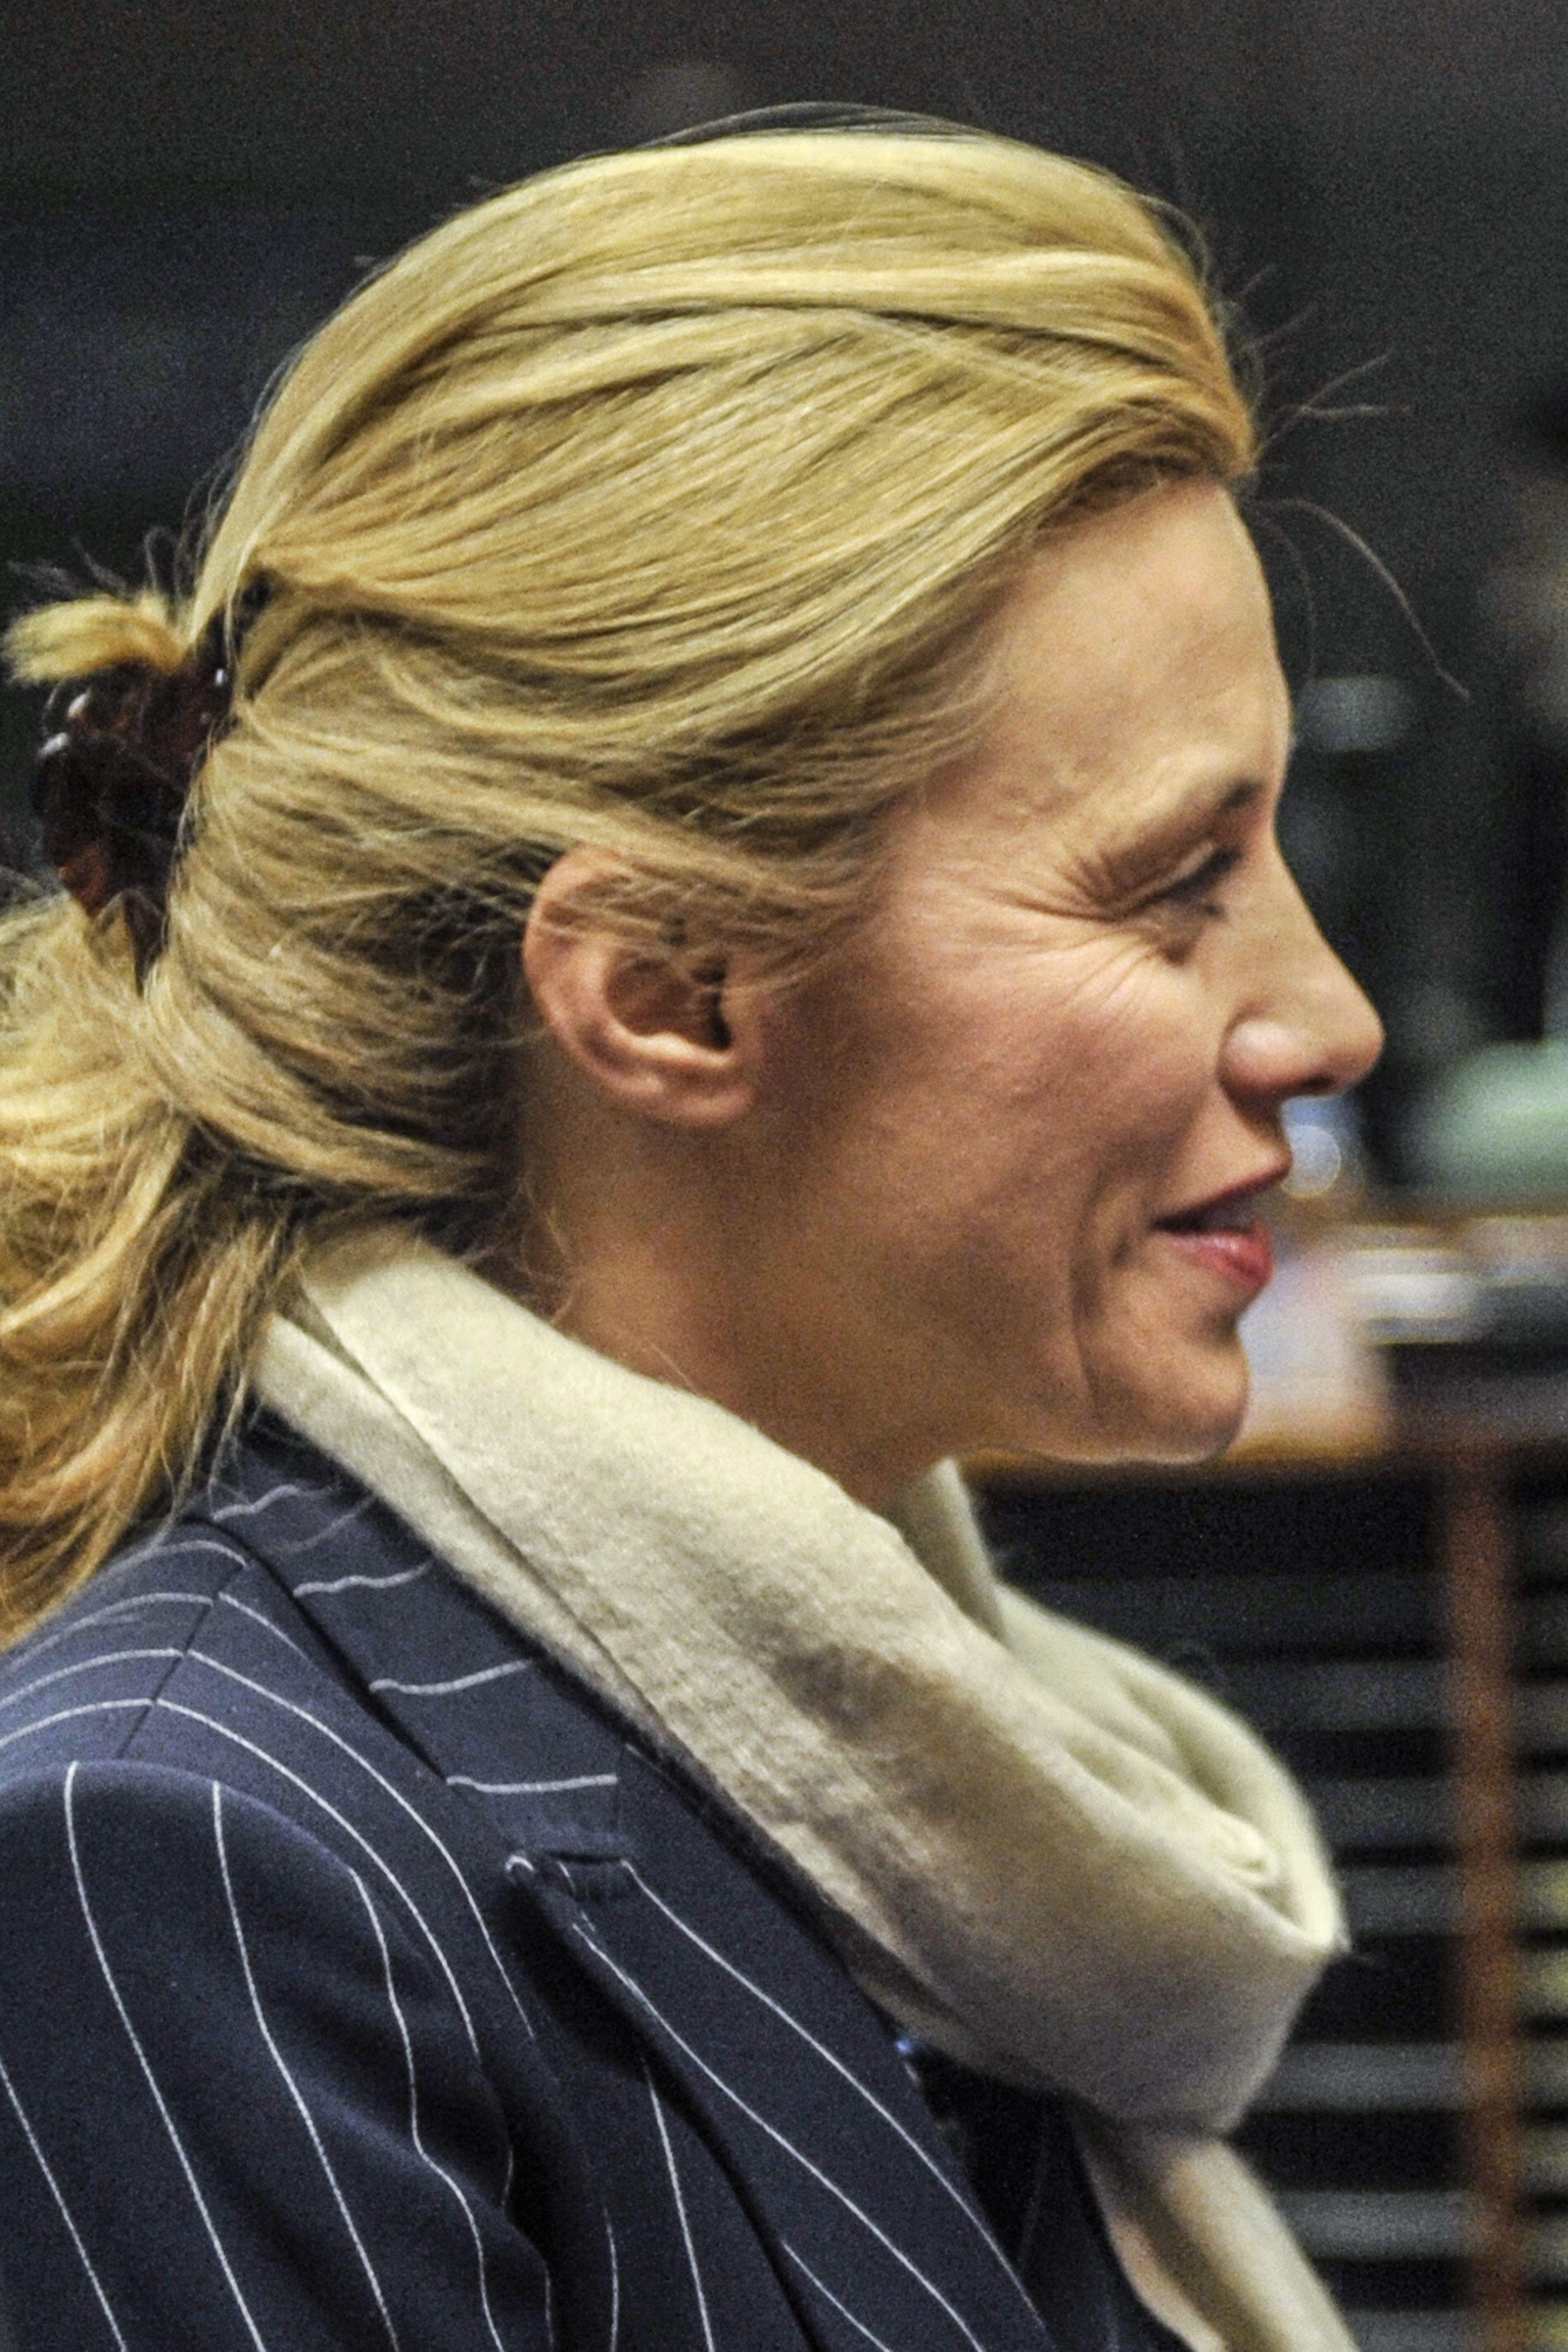 الیزابت بلونی ، در تصویری از سال 2008